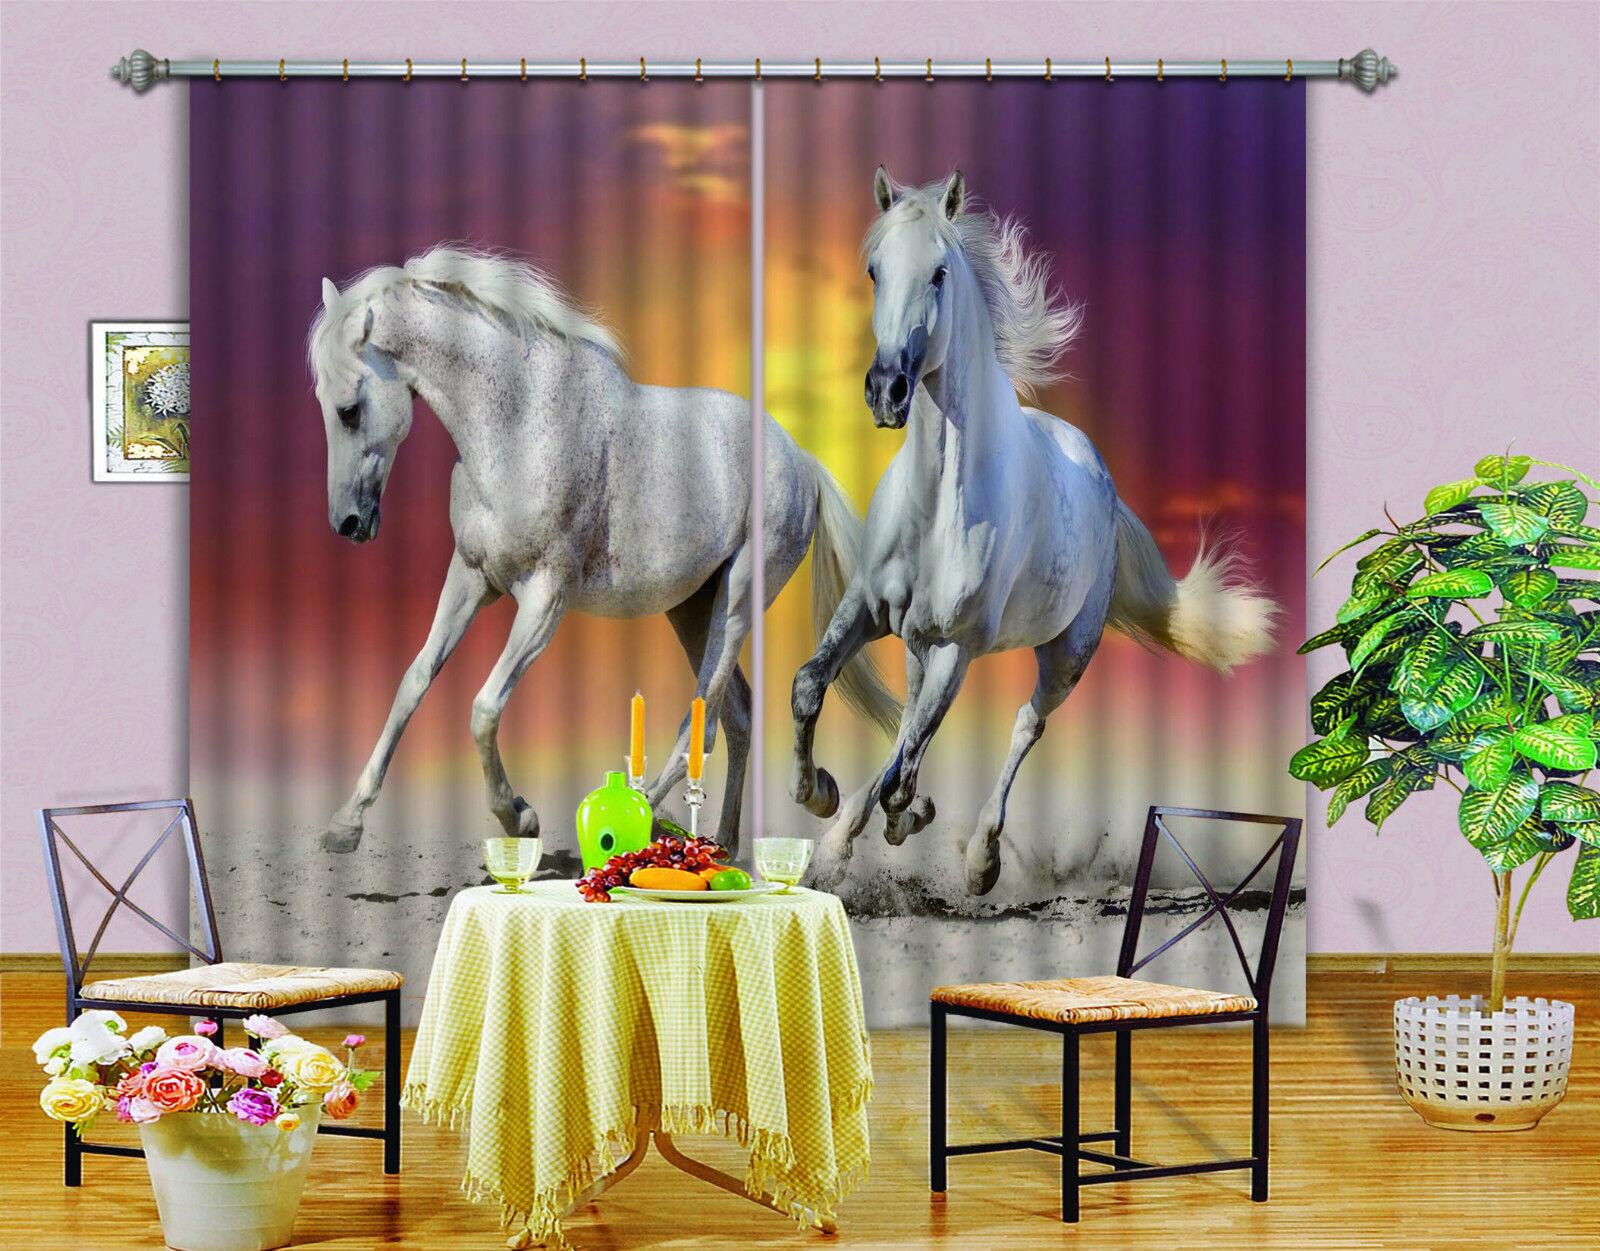 3d playa caballo 203 bloqueo foto cortina cortina de impresión sustancia cortinas de ventana